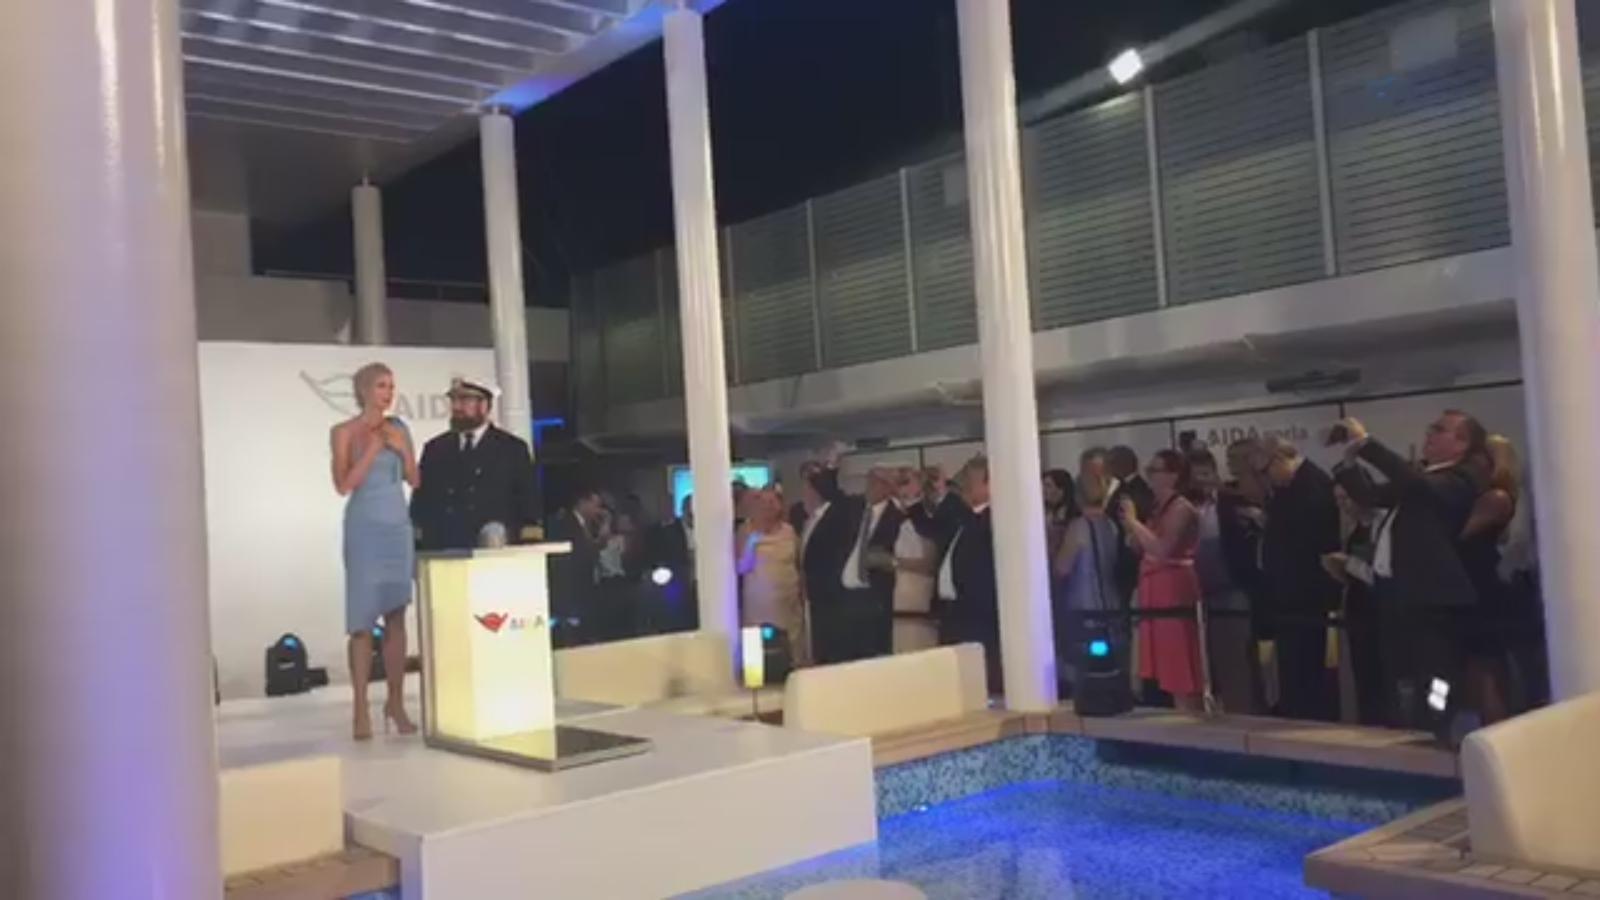 Aida Perla Gelungene Schiffstaufe Auf Mallorca